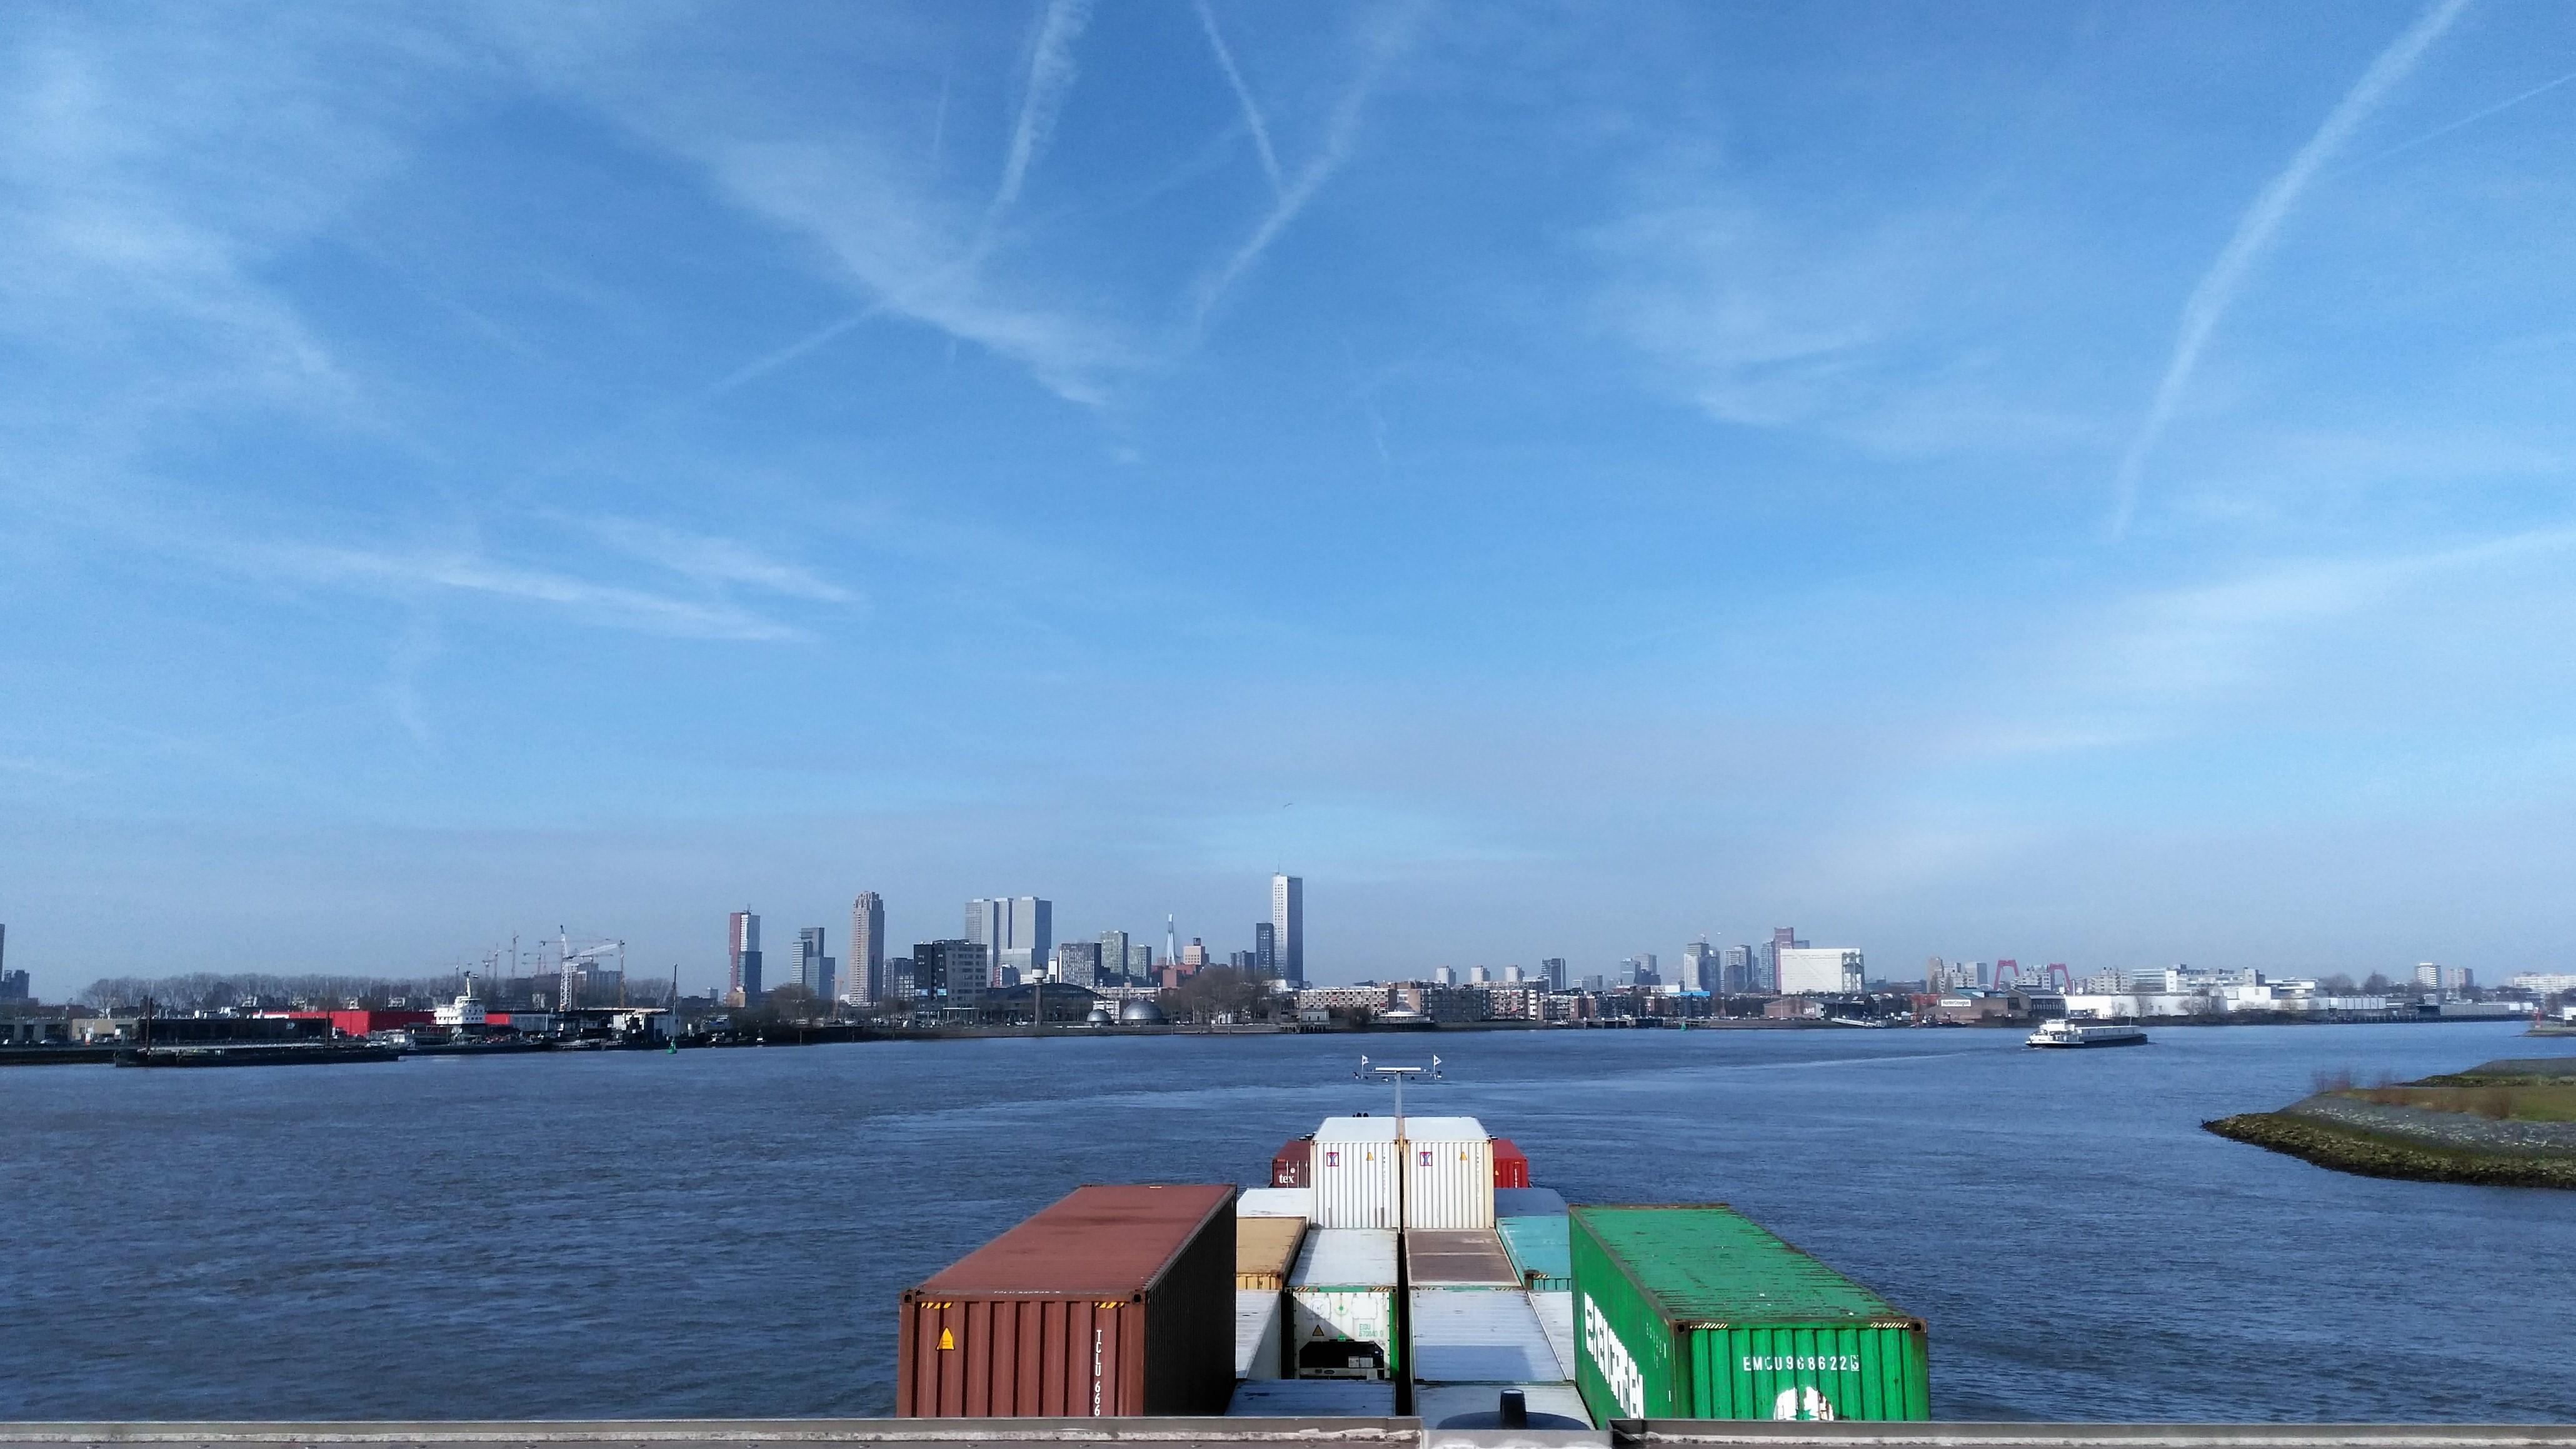 Varen bocht van Esch Rotterdam. Skyline Rotterdam.